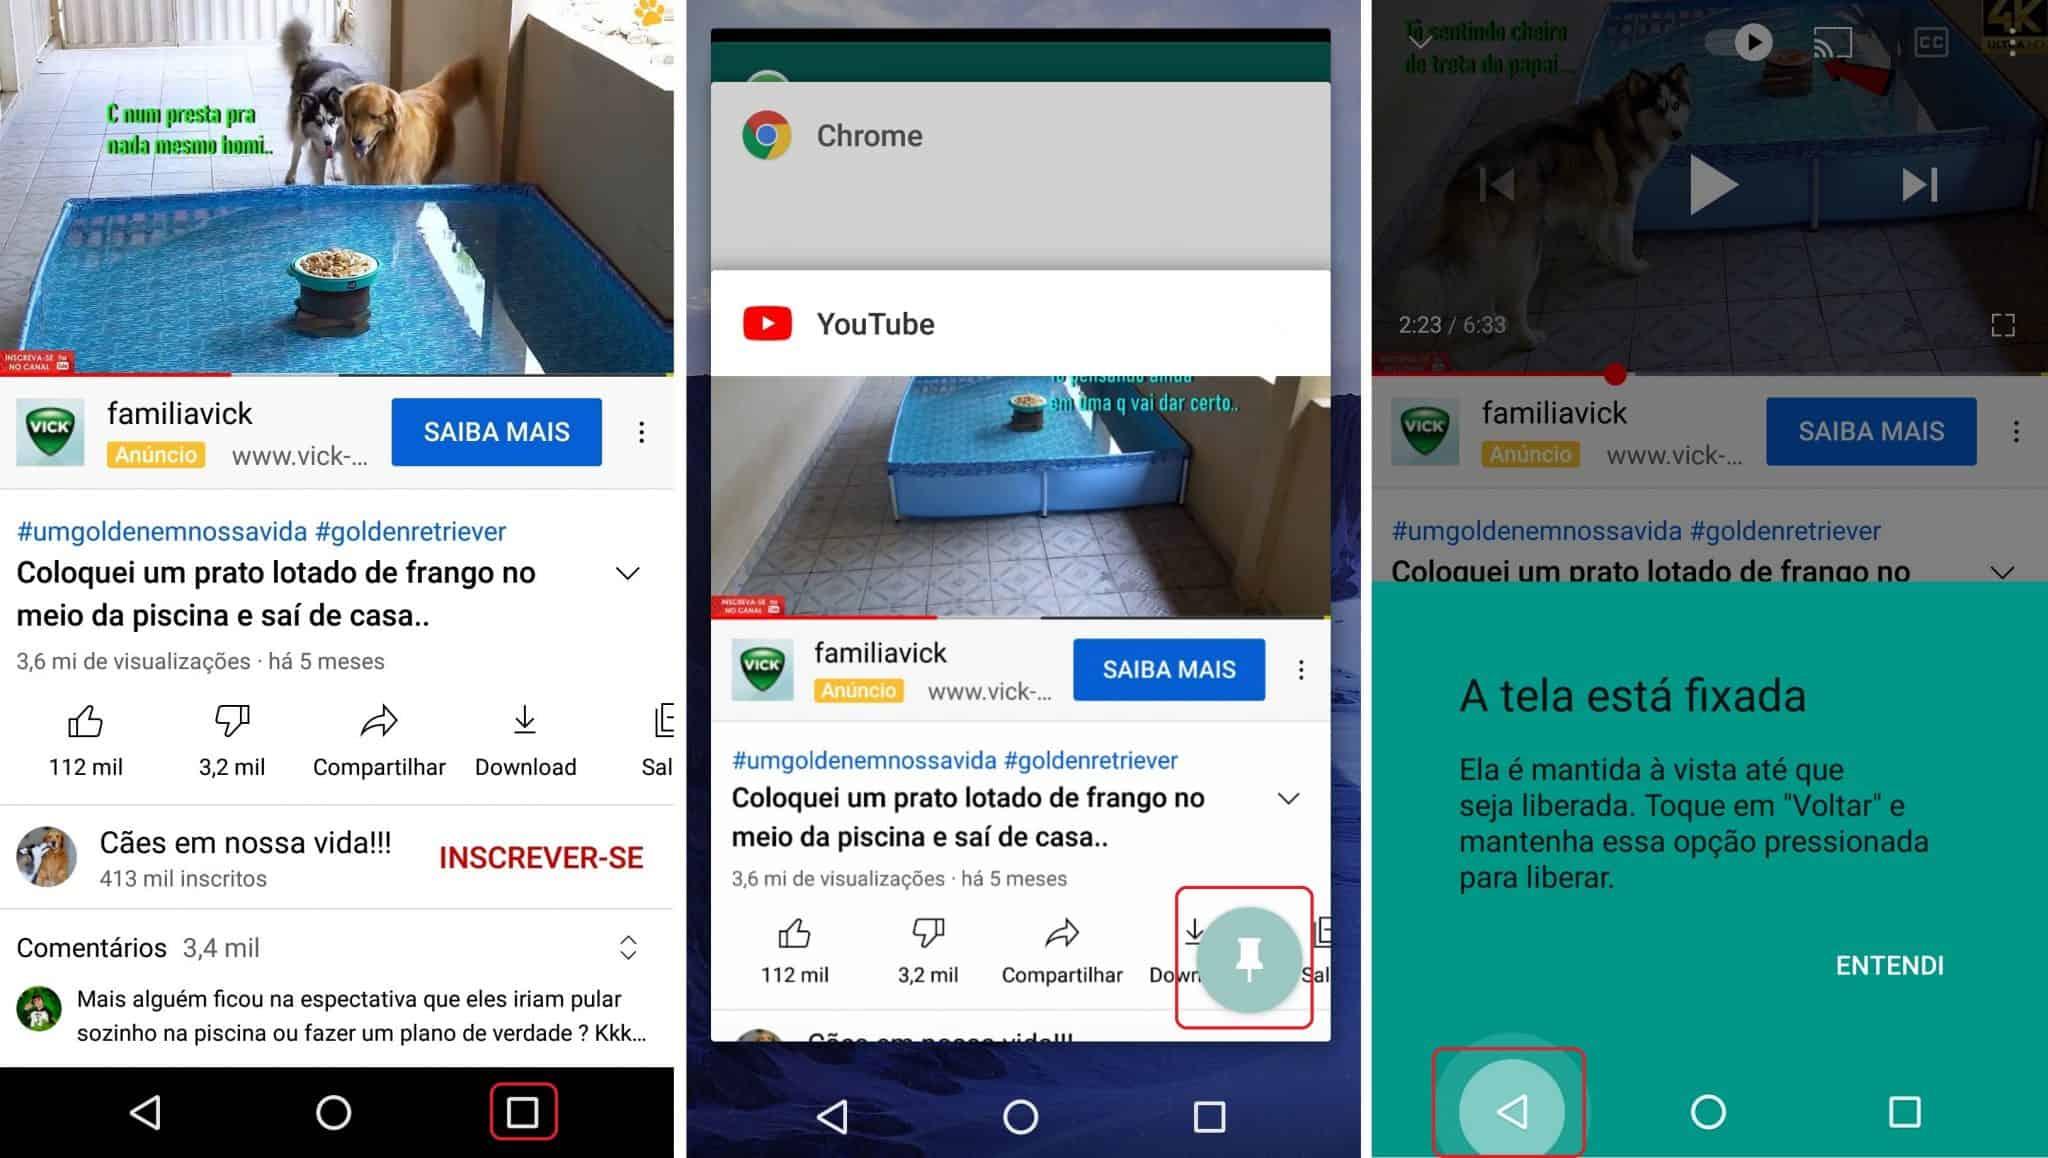 imagem 3 de Como bloquear o touch screen do Android durante a reprodução dos vídeos